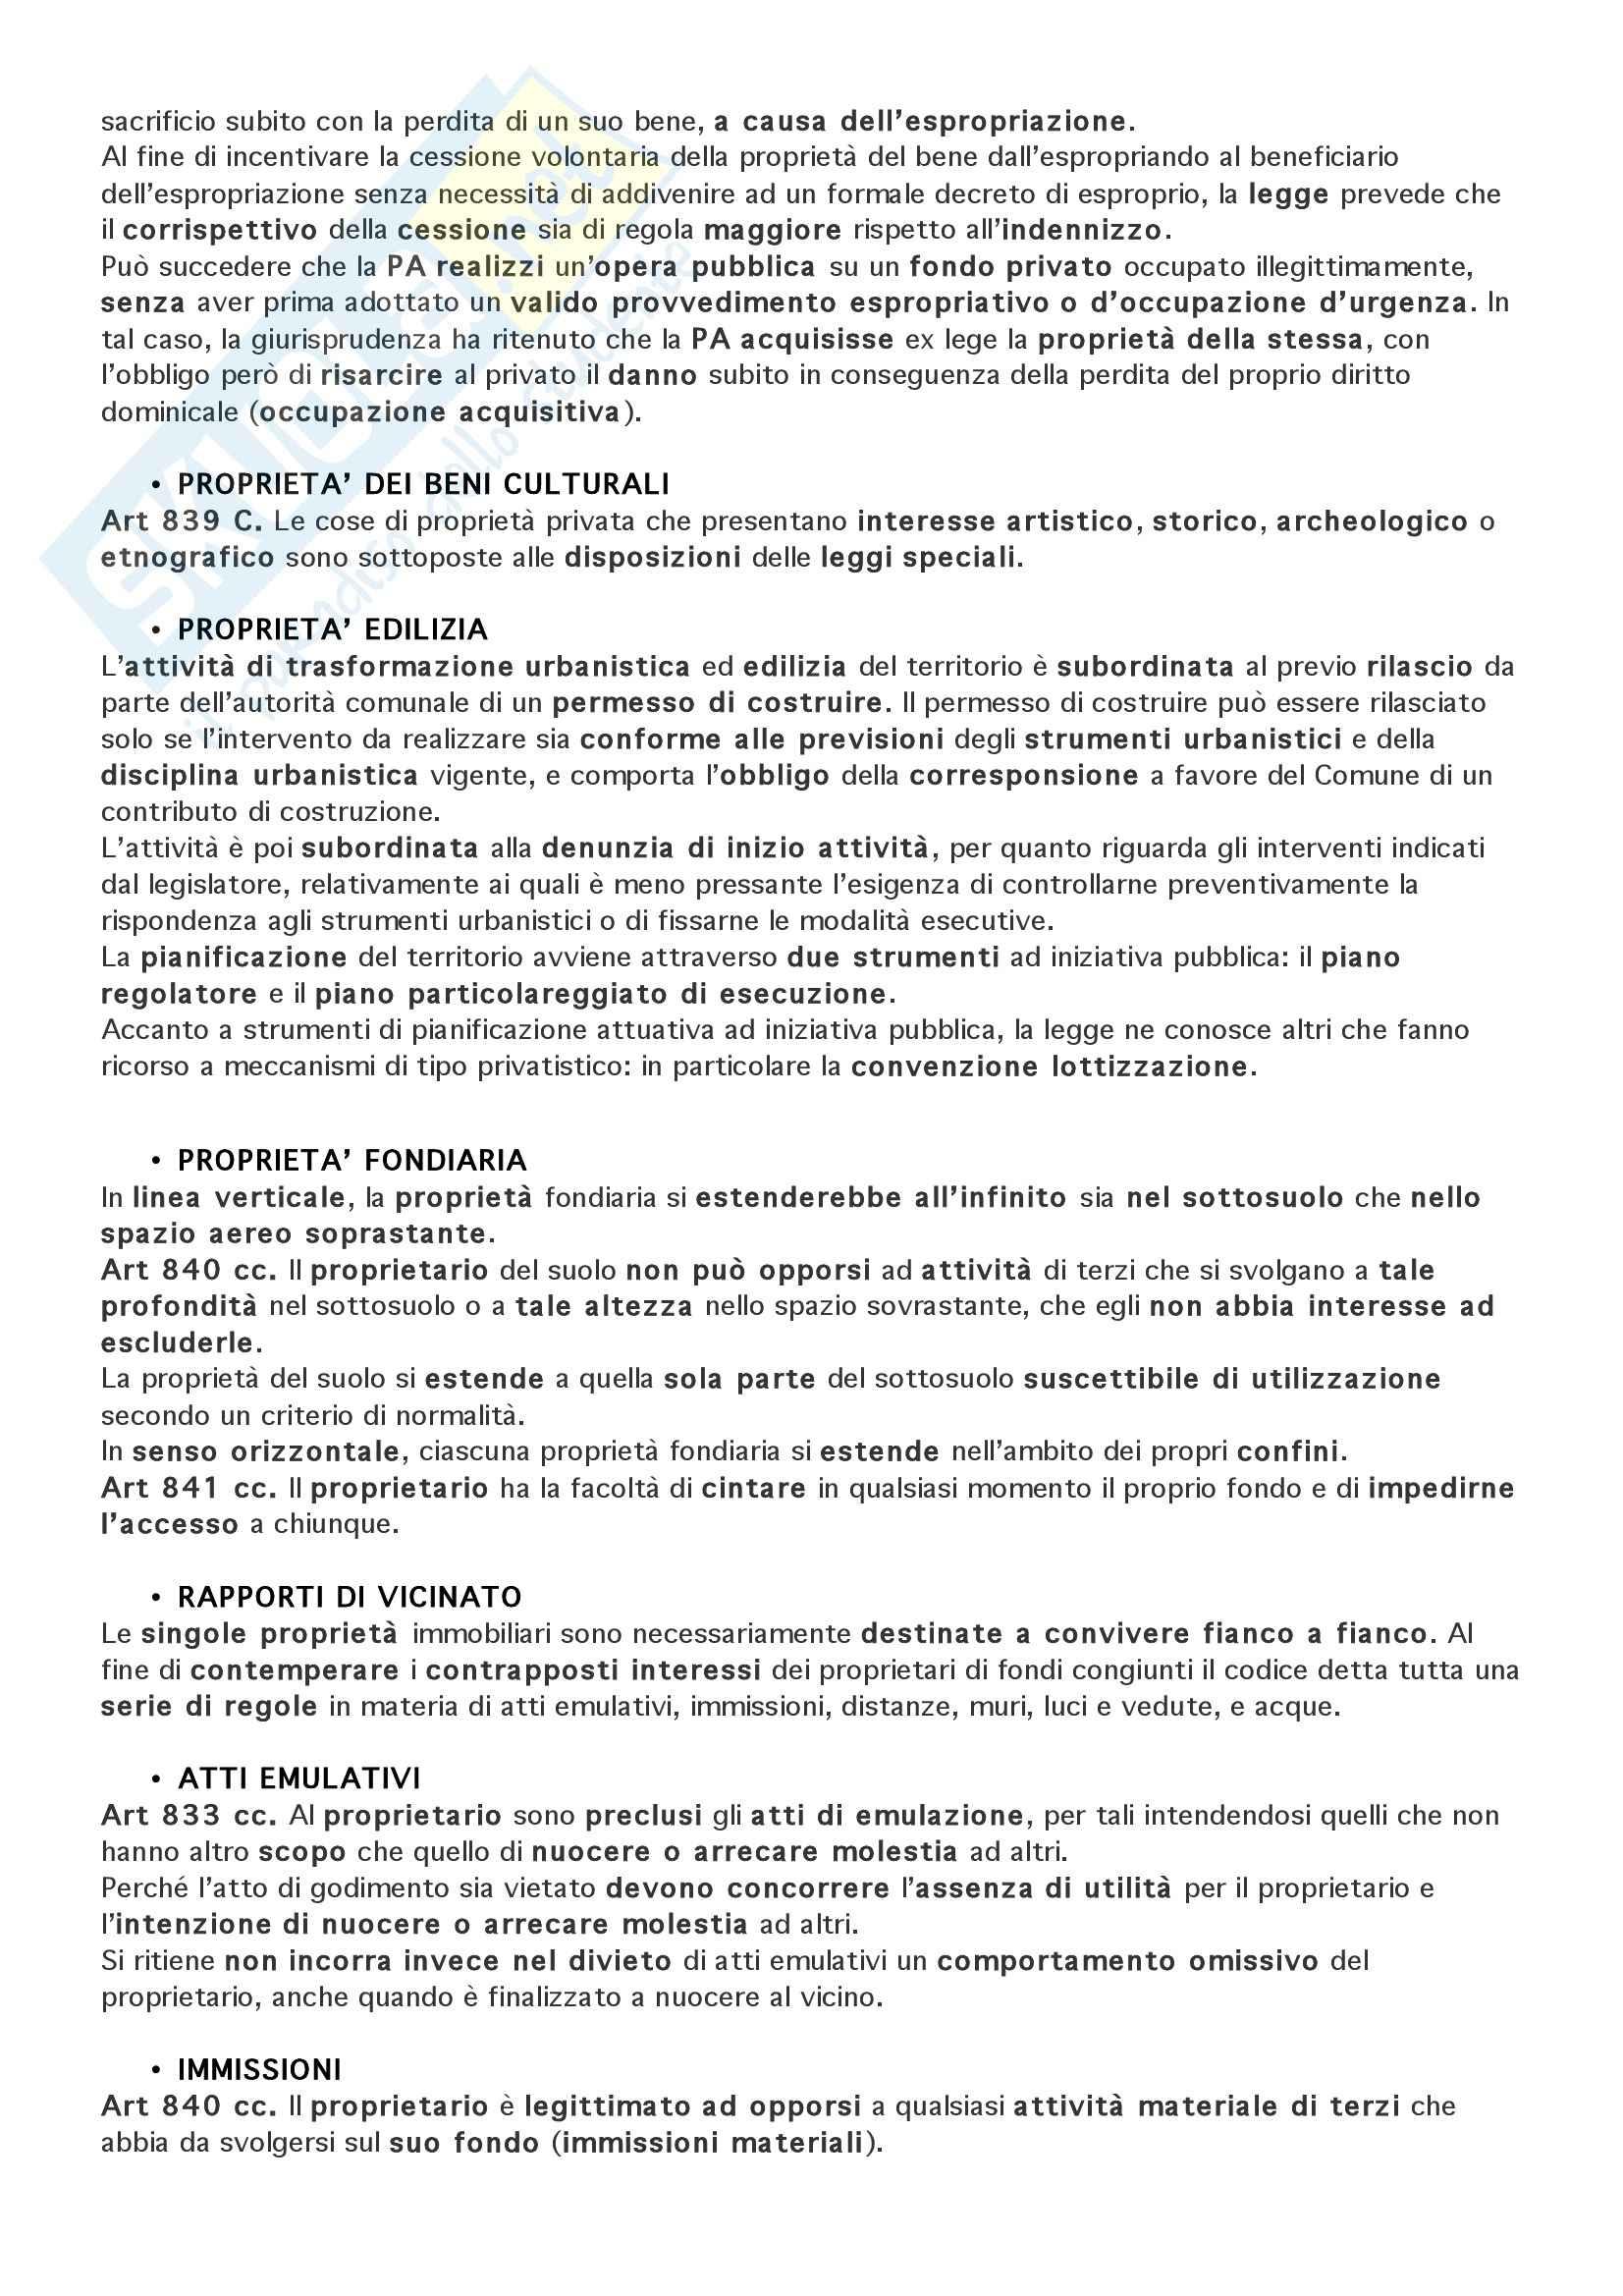 Manuale di diritto privato, Torrente - Appunti Pag. 2